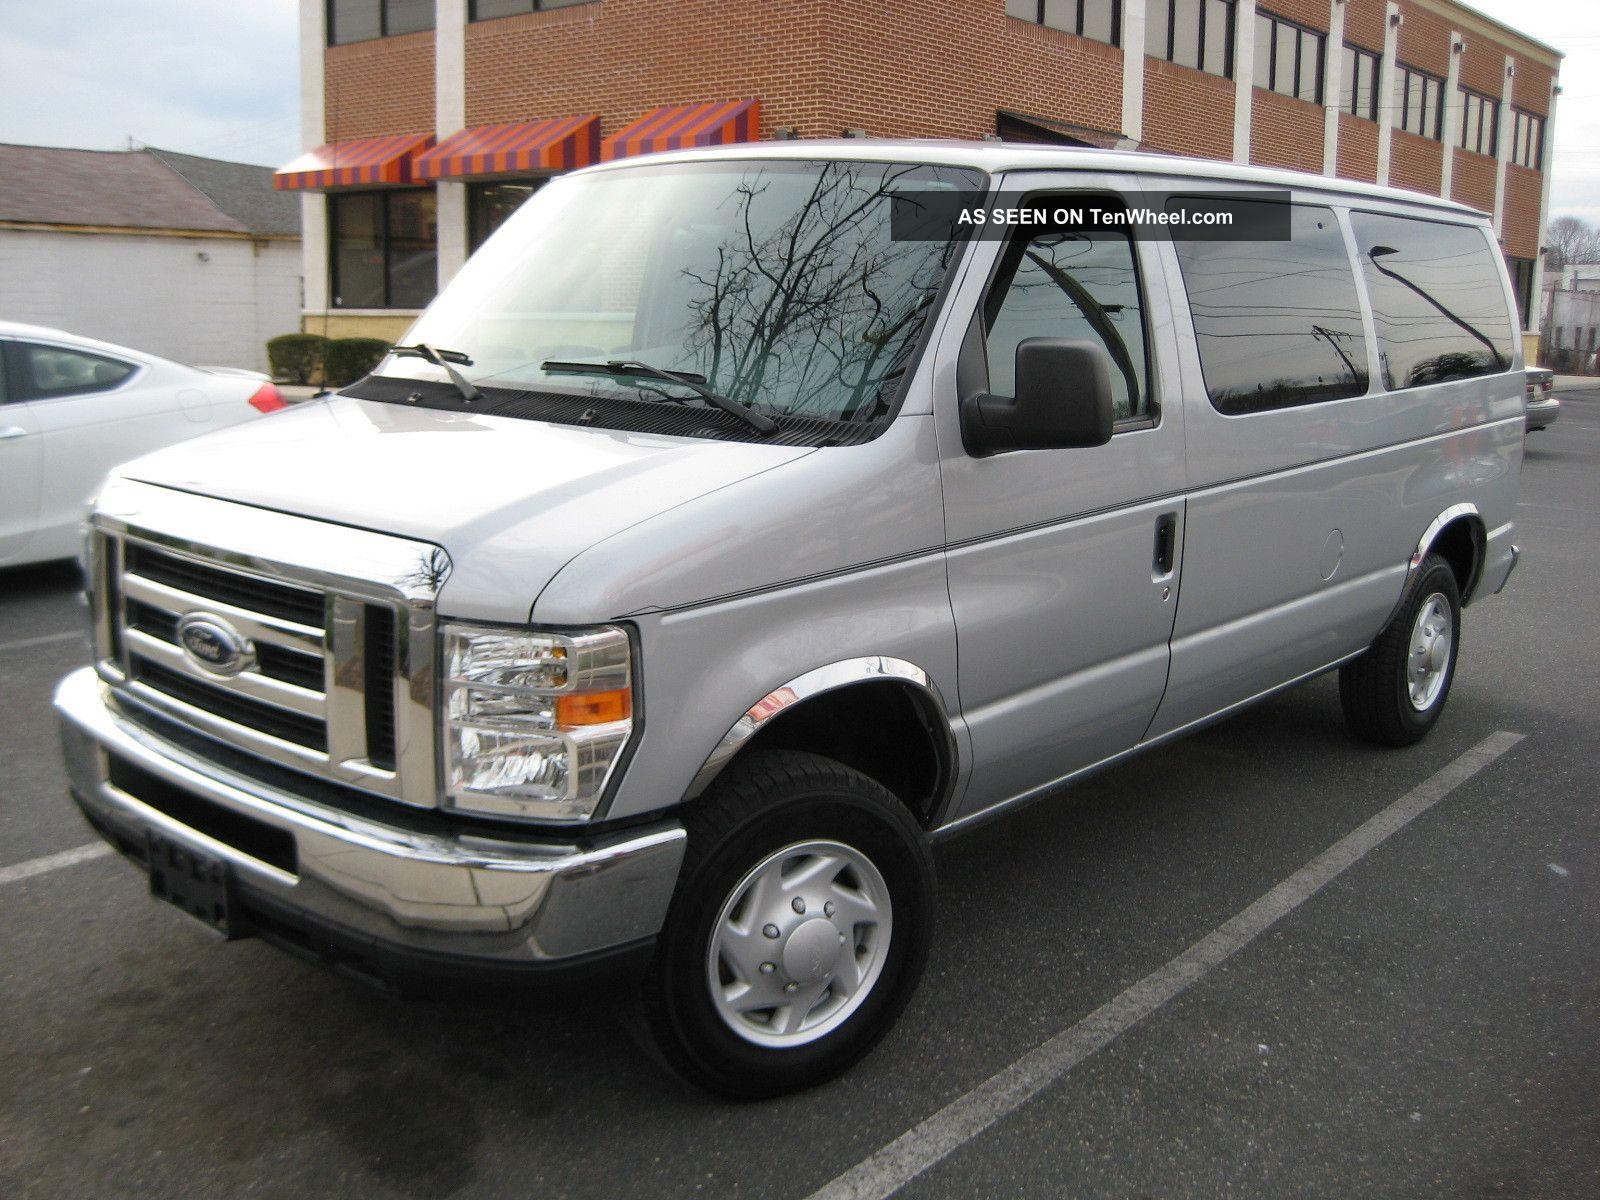 2008 Ford E - 150 Xlt 9 Pass Van V8 - 5.  4l,  Park Assist 97k Mi,  1 Md Owner E-Series Van photo